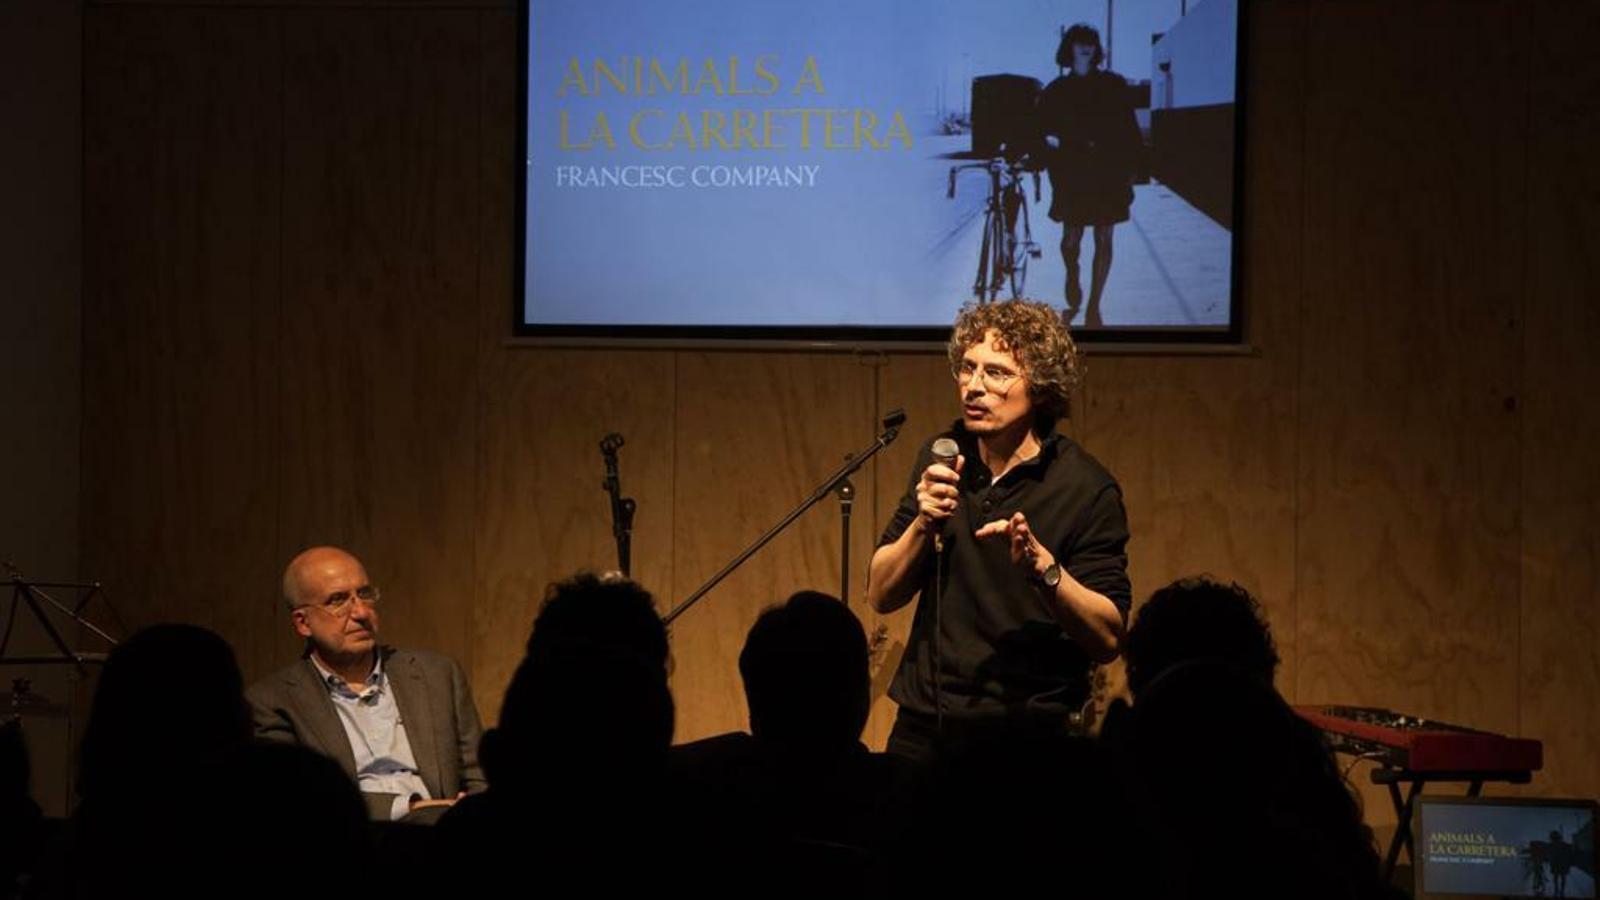 Francesc Company, amb el presentador Joan Company